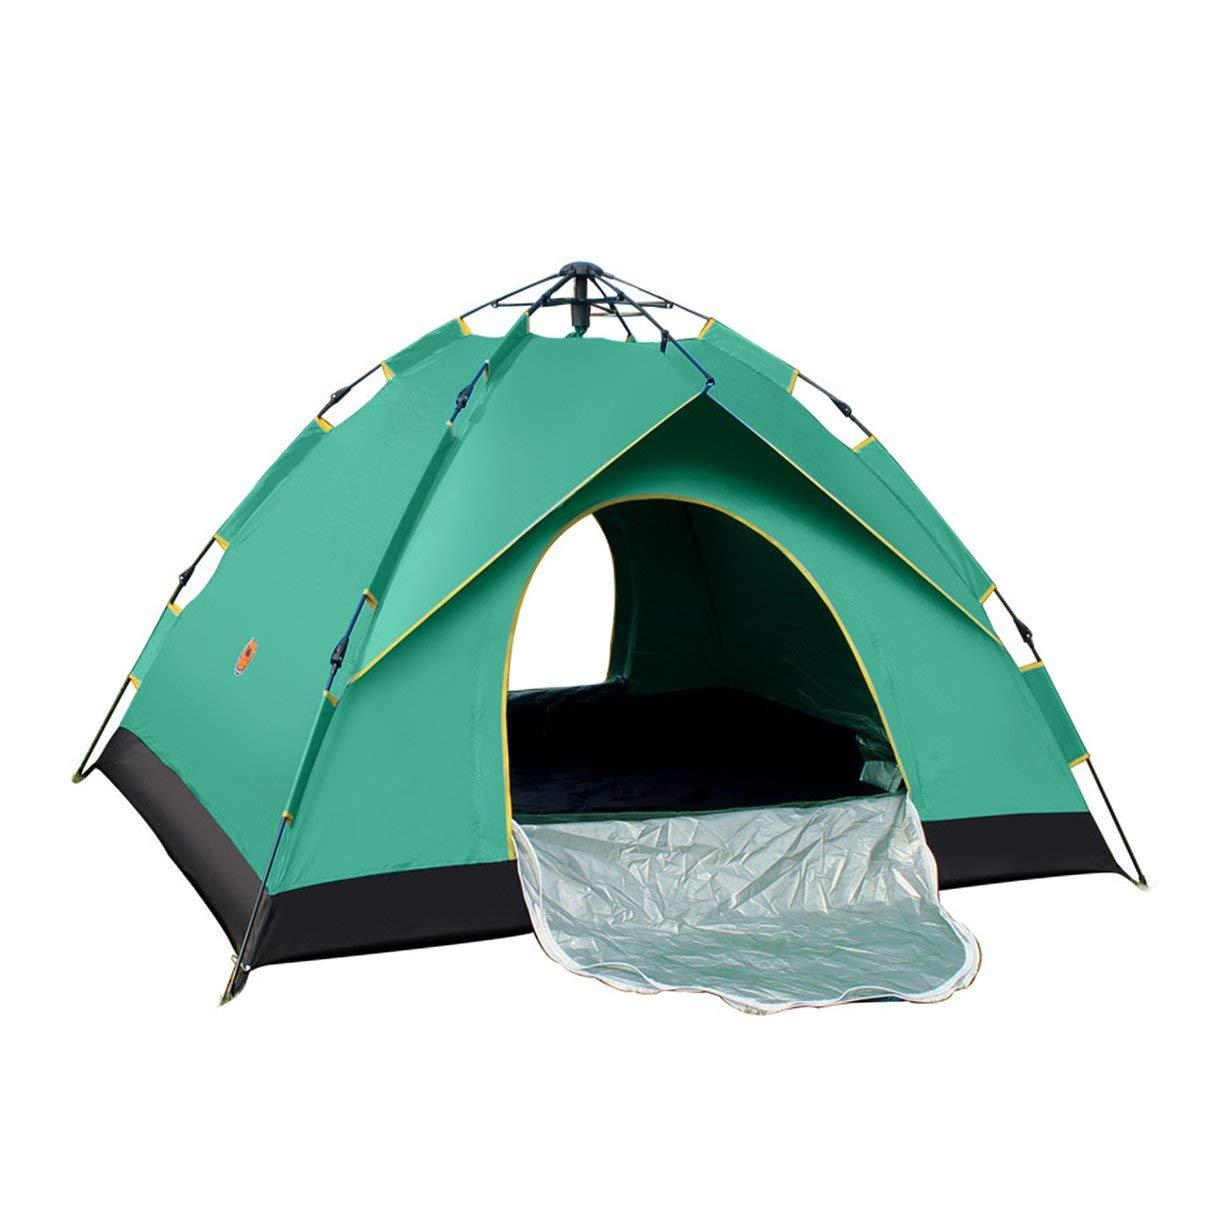 Timirror Desert Camel Automatikzelt einlagig wasserdicht Anti UV Shelter Outdoor Camping Wandern Zelt Familie 4 Personen Zelt